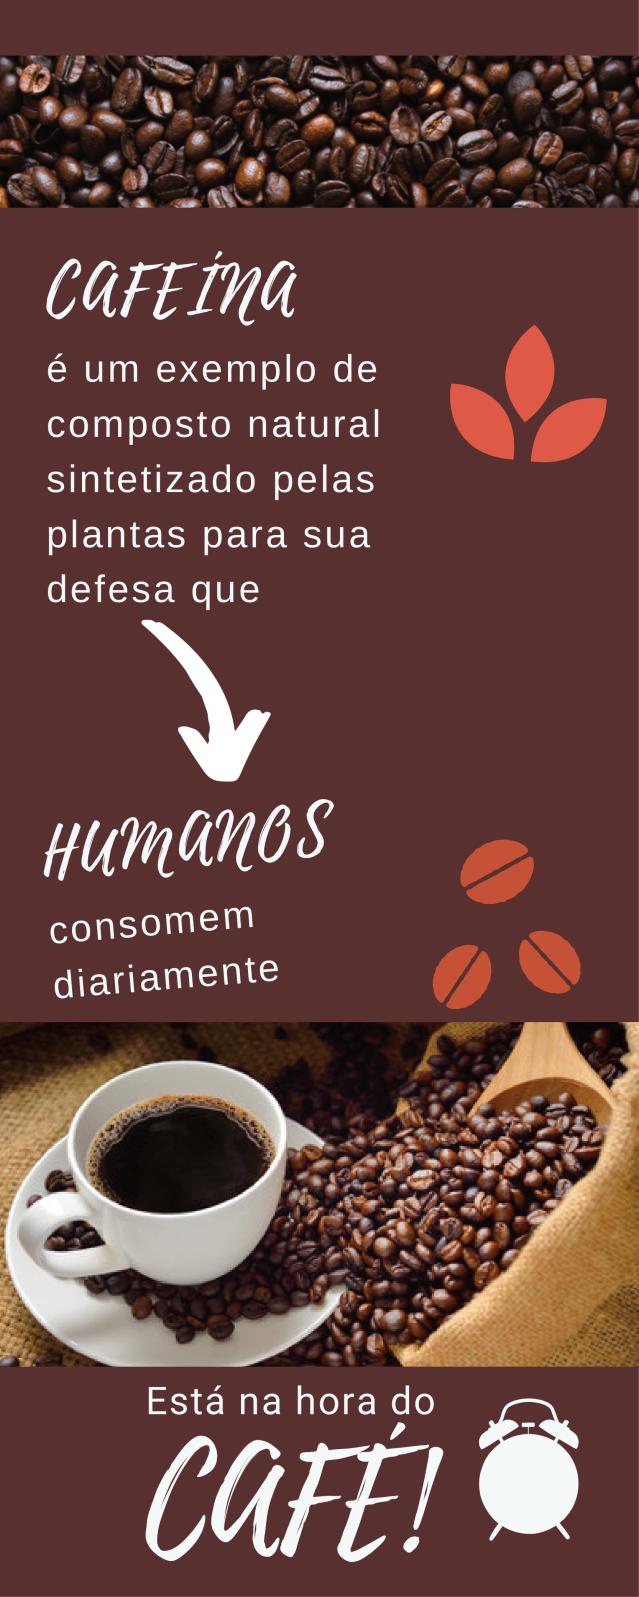 Cafeína bioquimica (1)-6